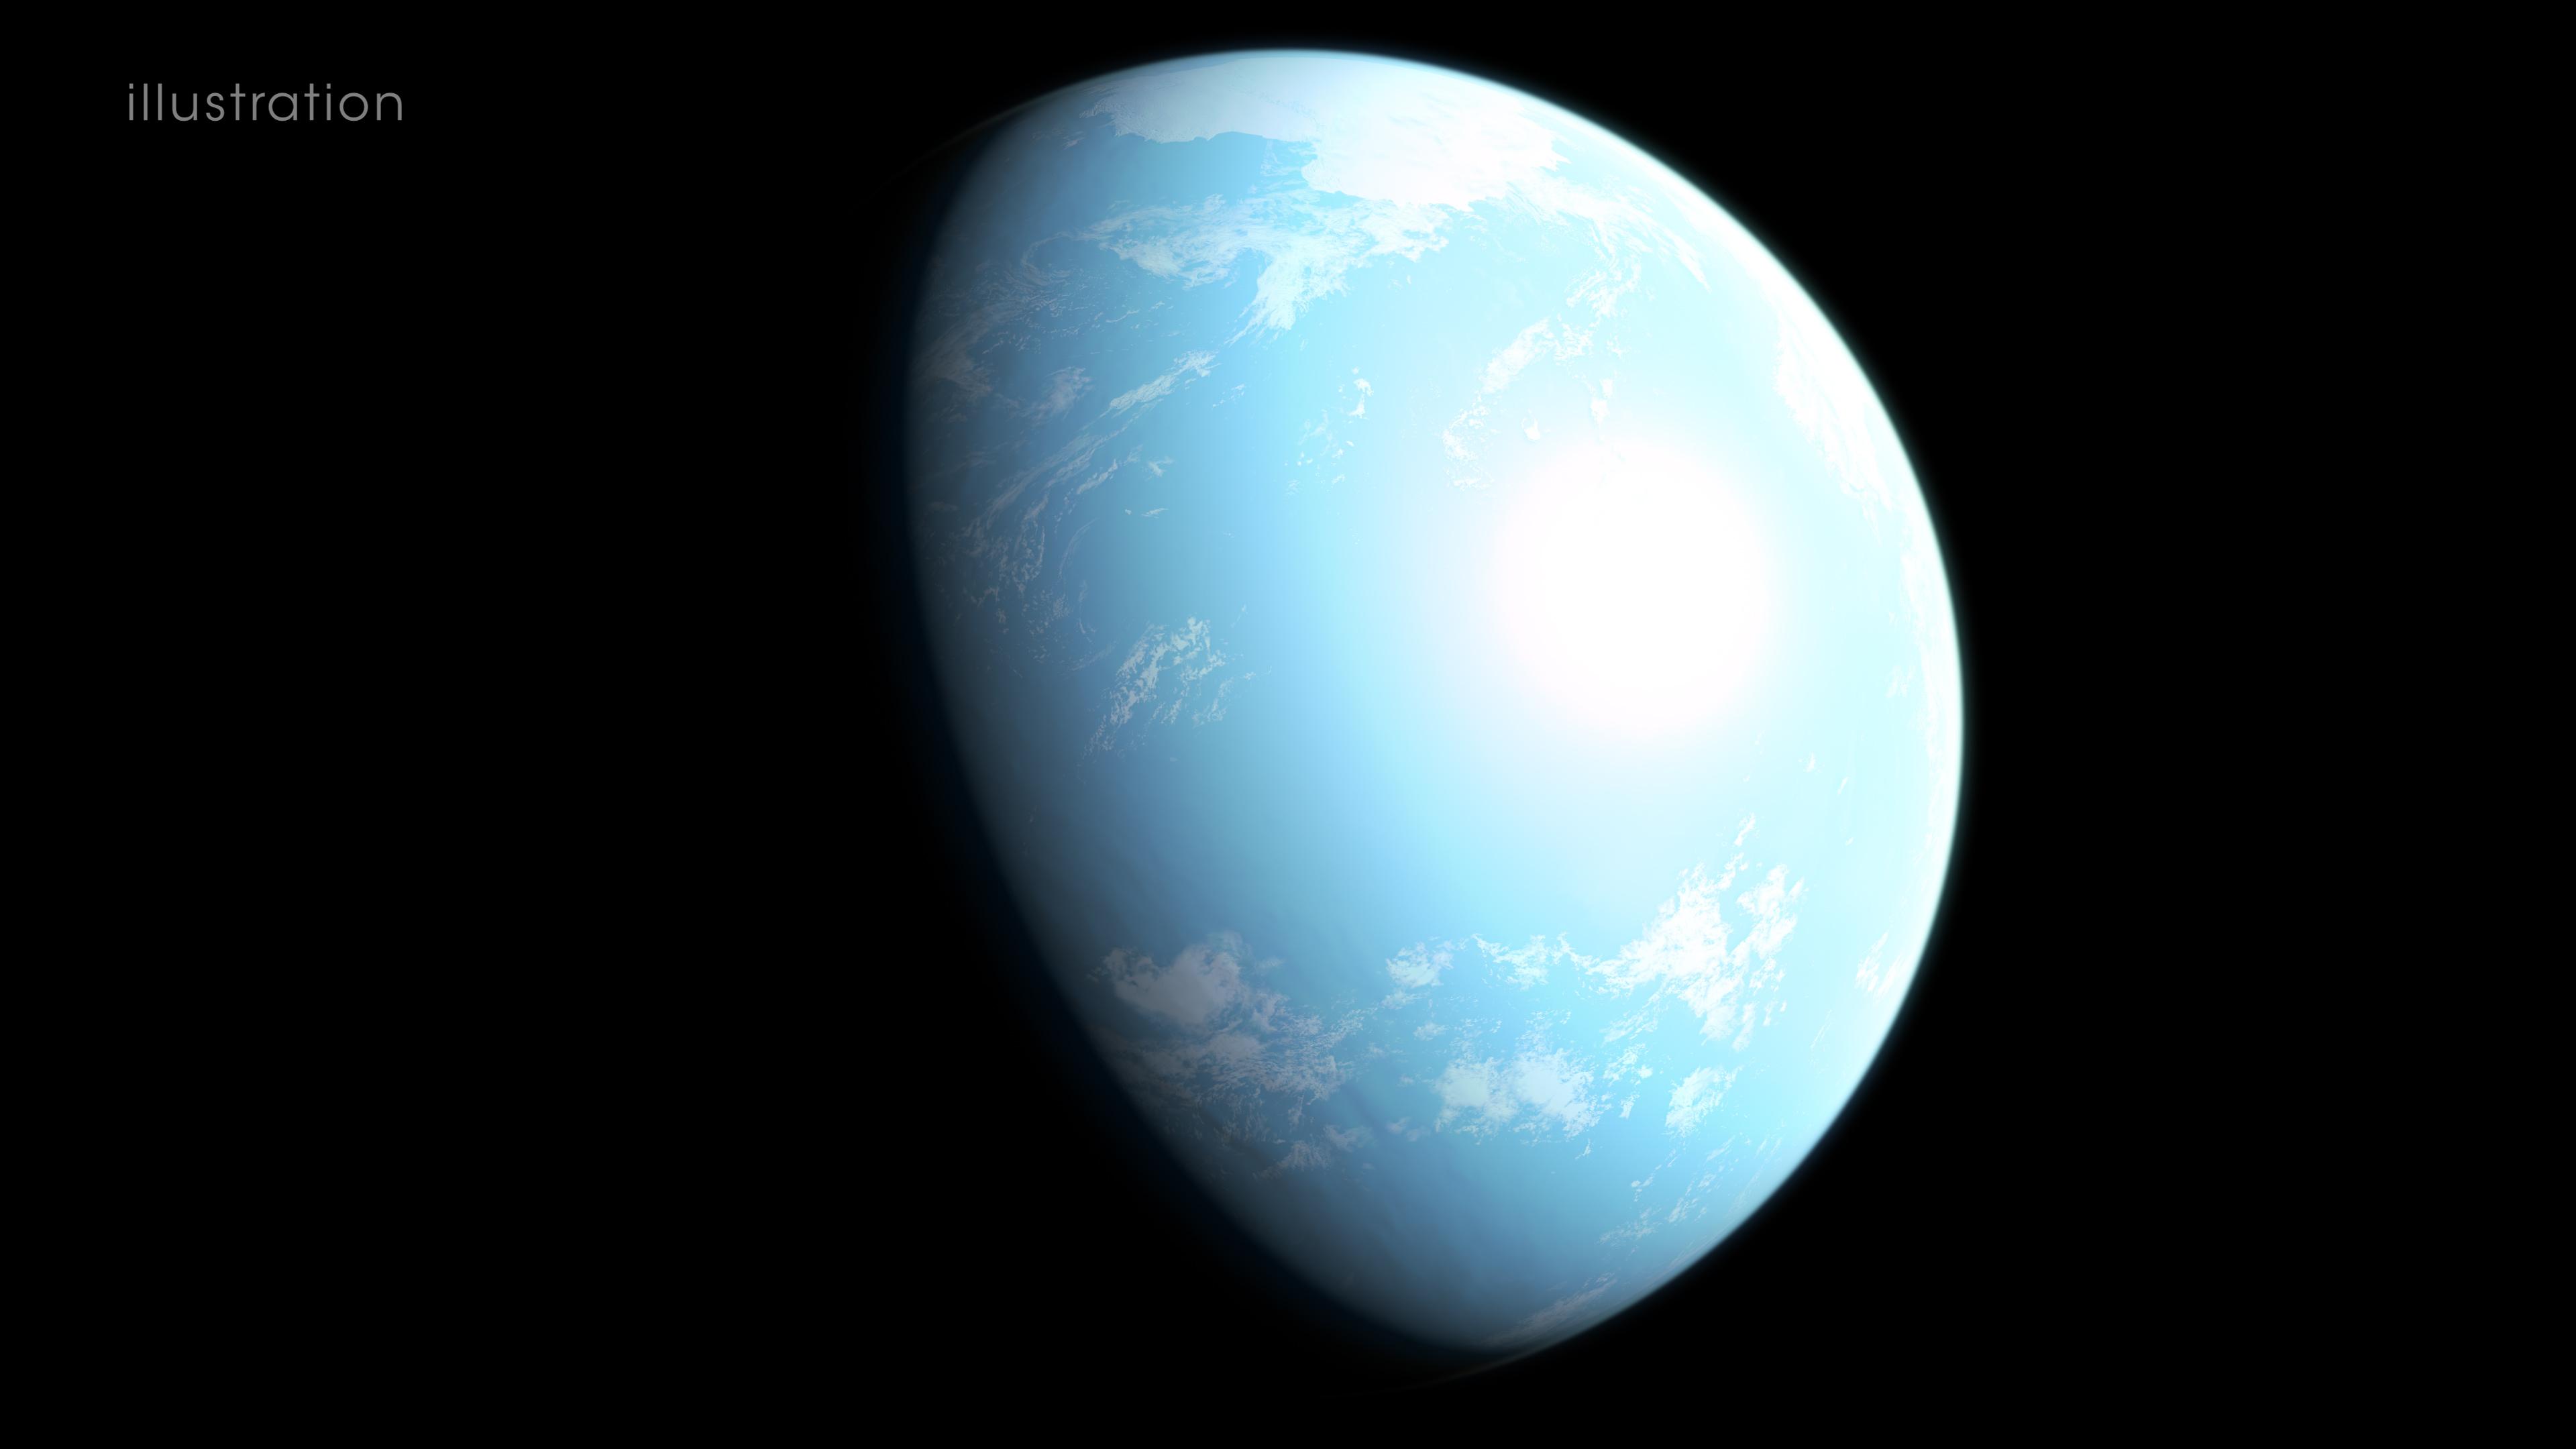 НАСА обнаружило ближайшую к Земле планету, которая может быть пригодна для жизни